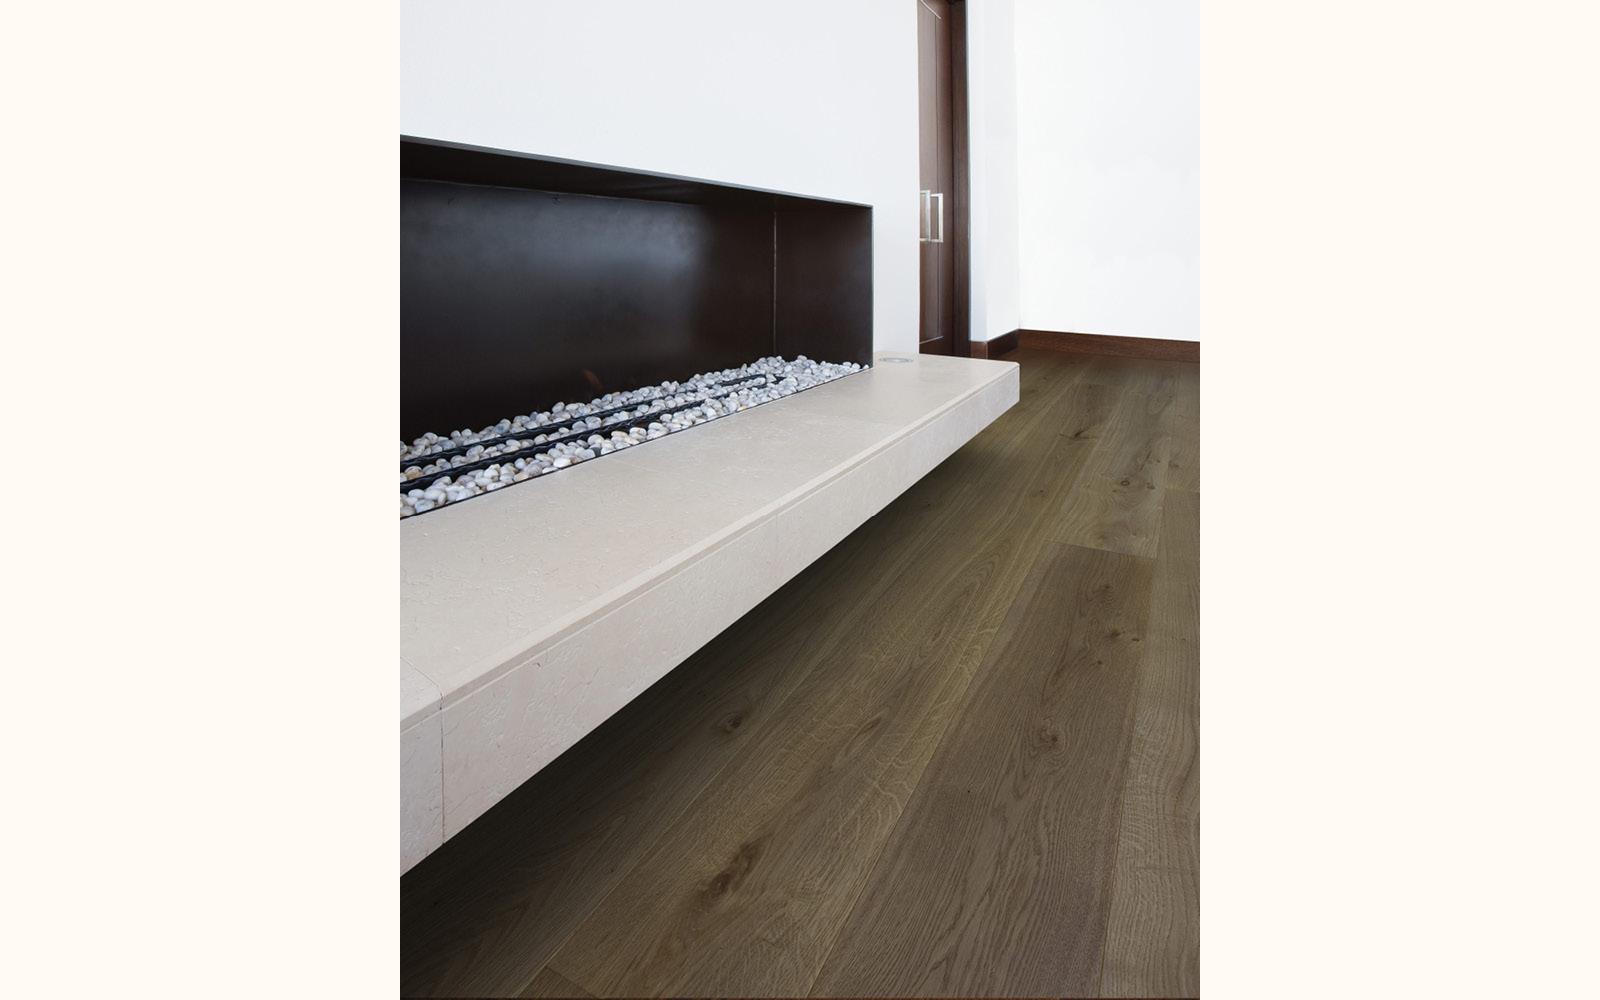 Classico, Rovere Europeo Rusticone spazzolato verniciato grigio tannino